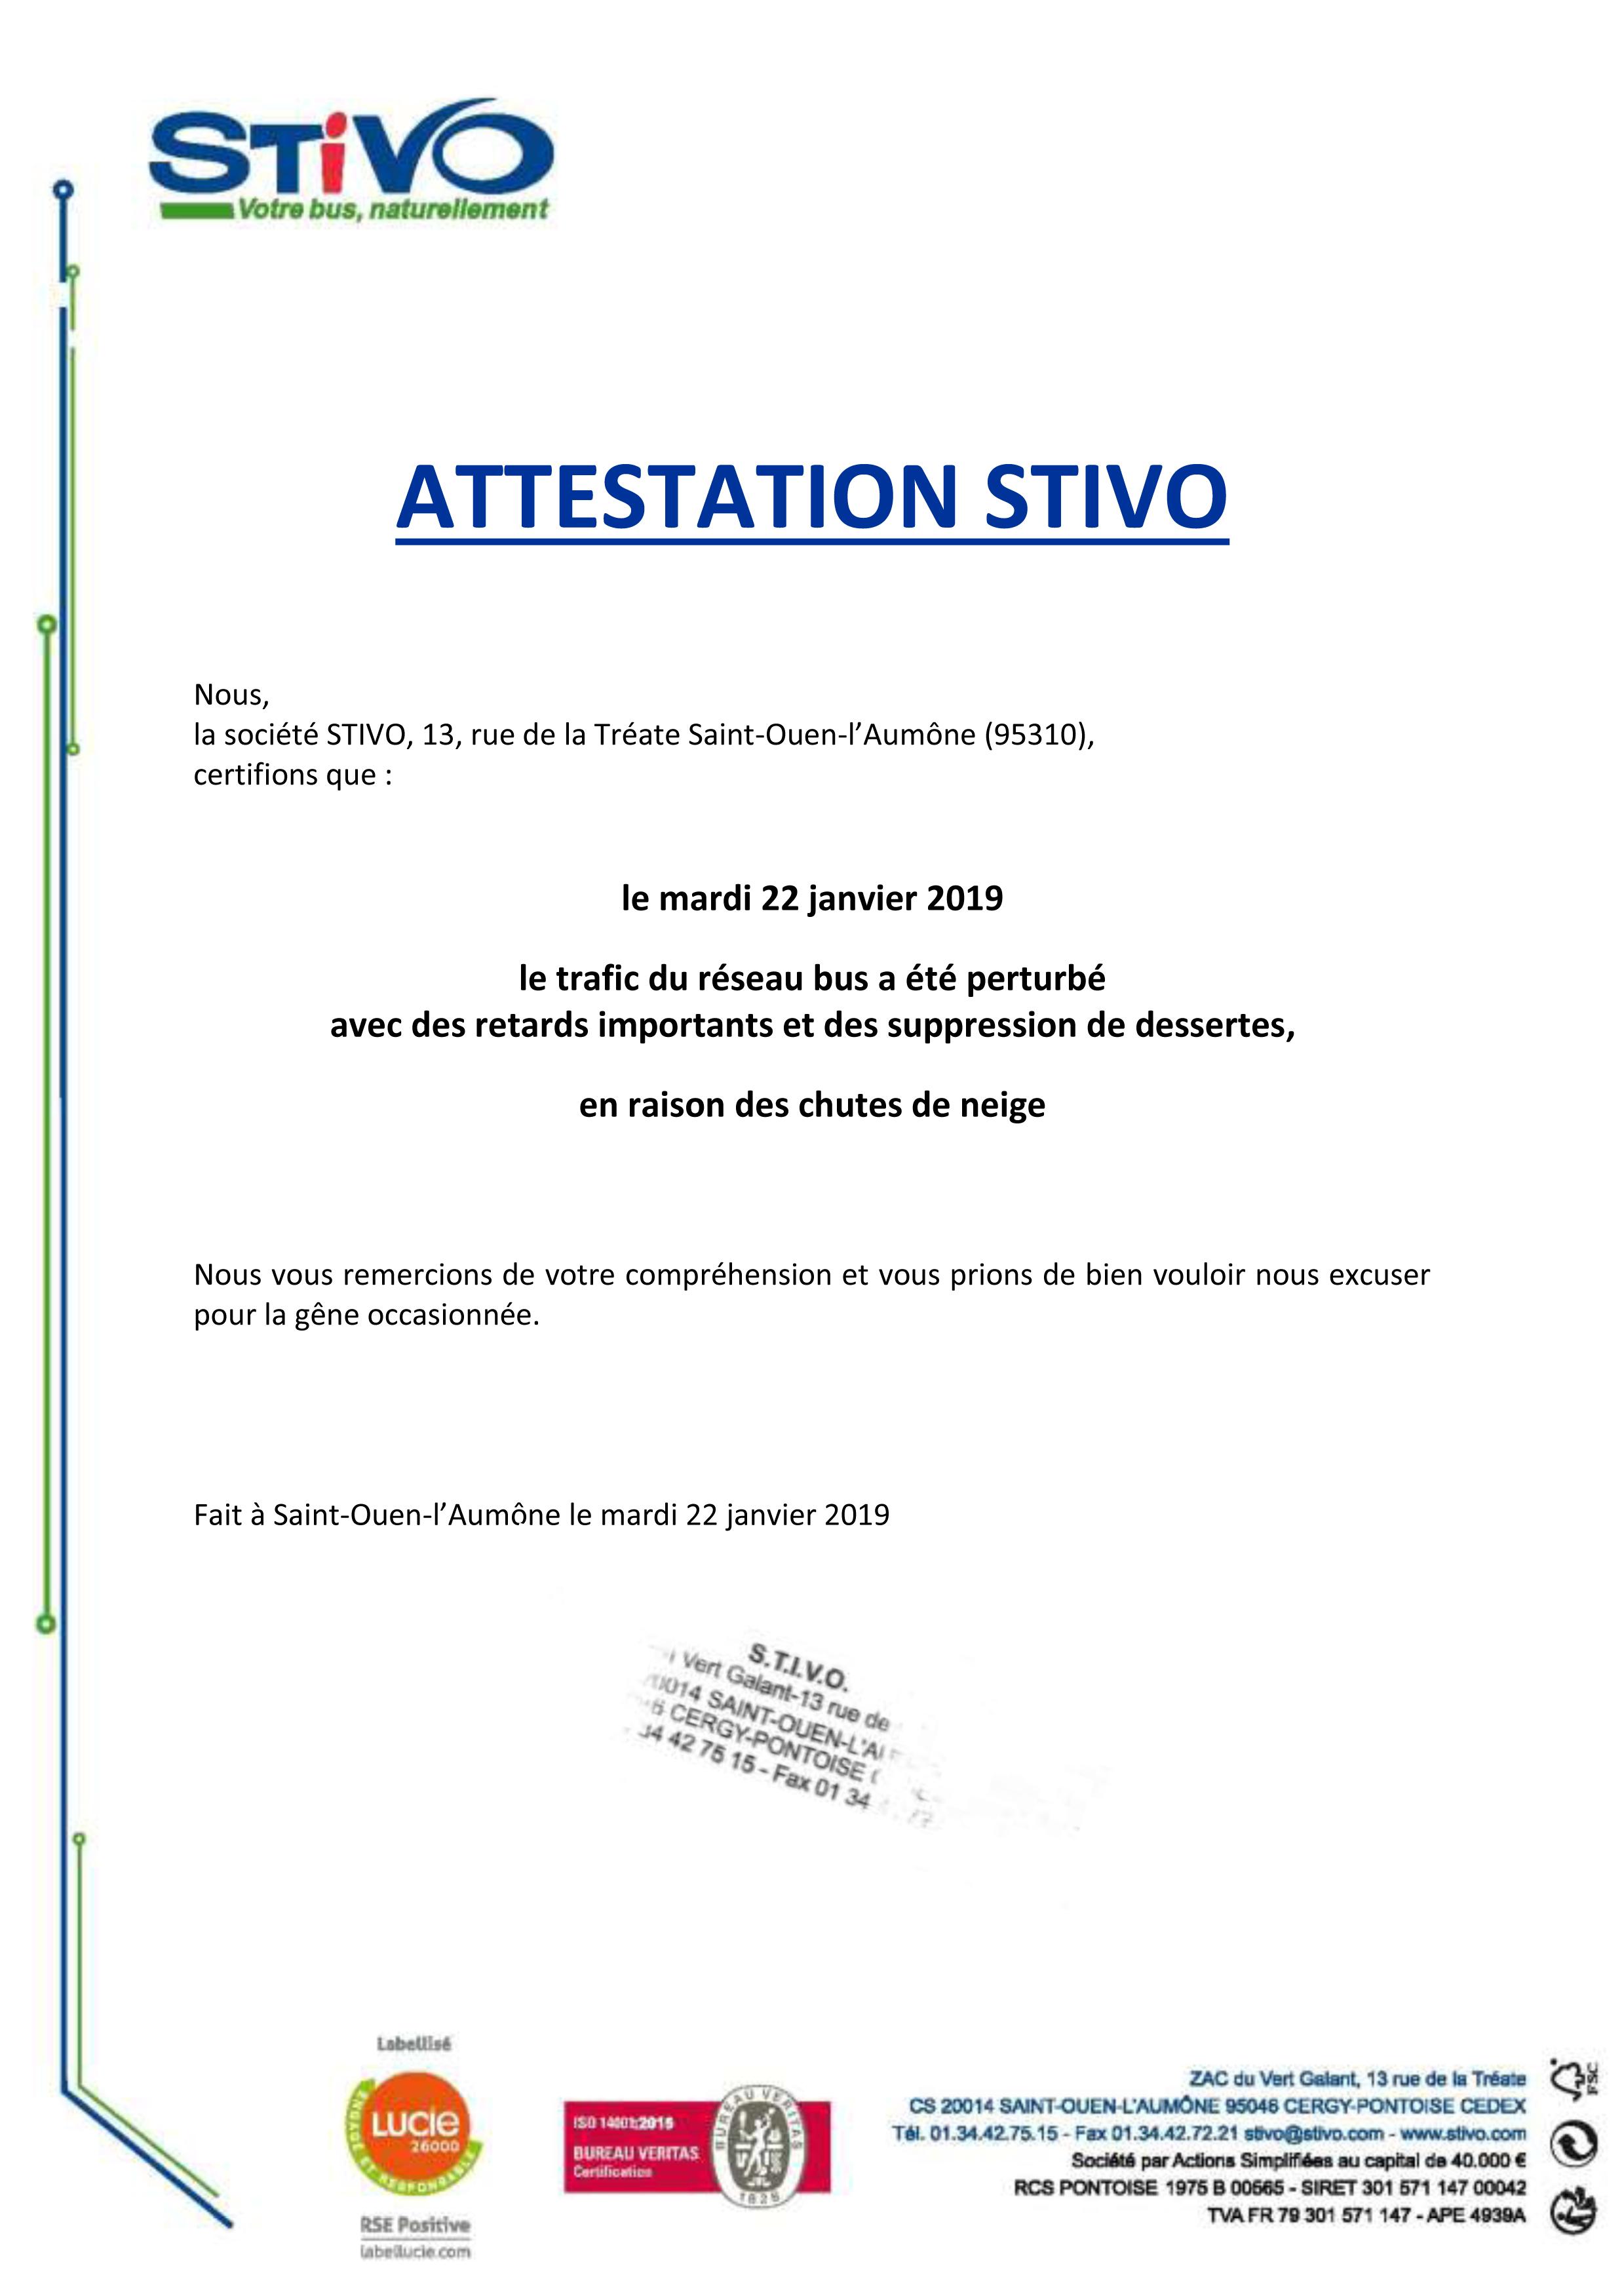 Attestation perturbations STIVO 22.01.2019